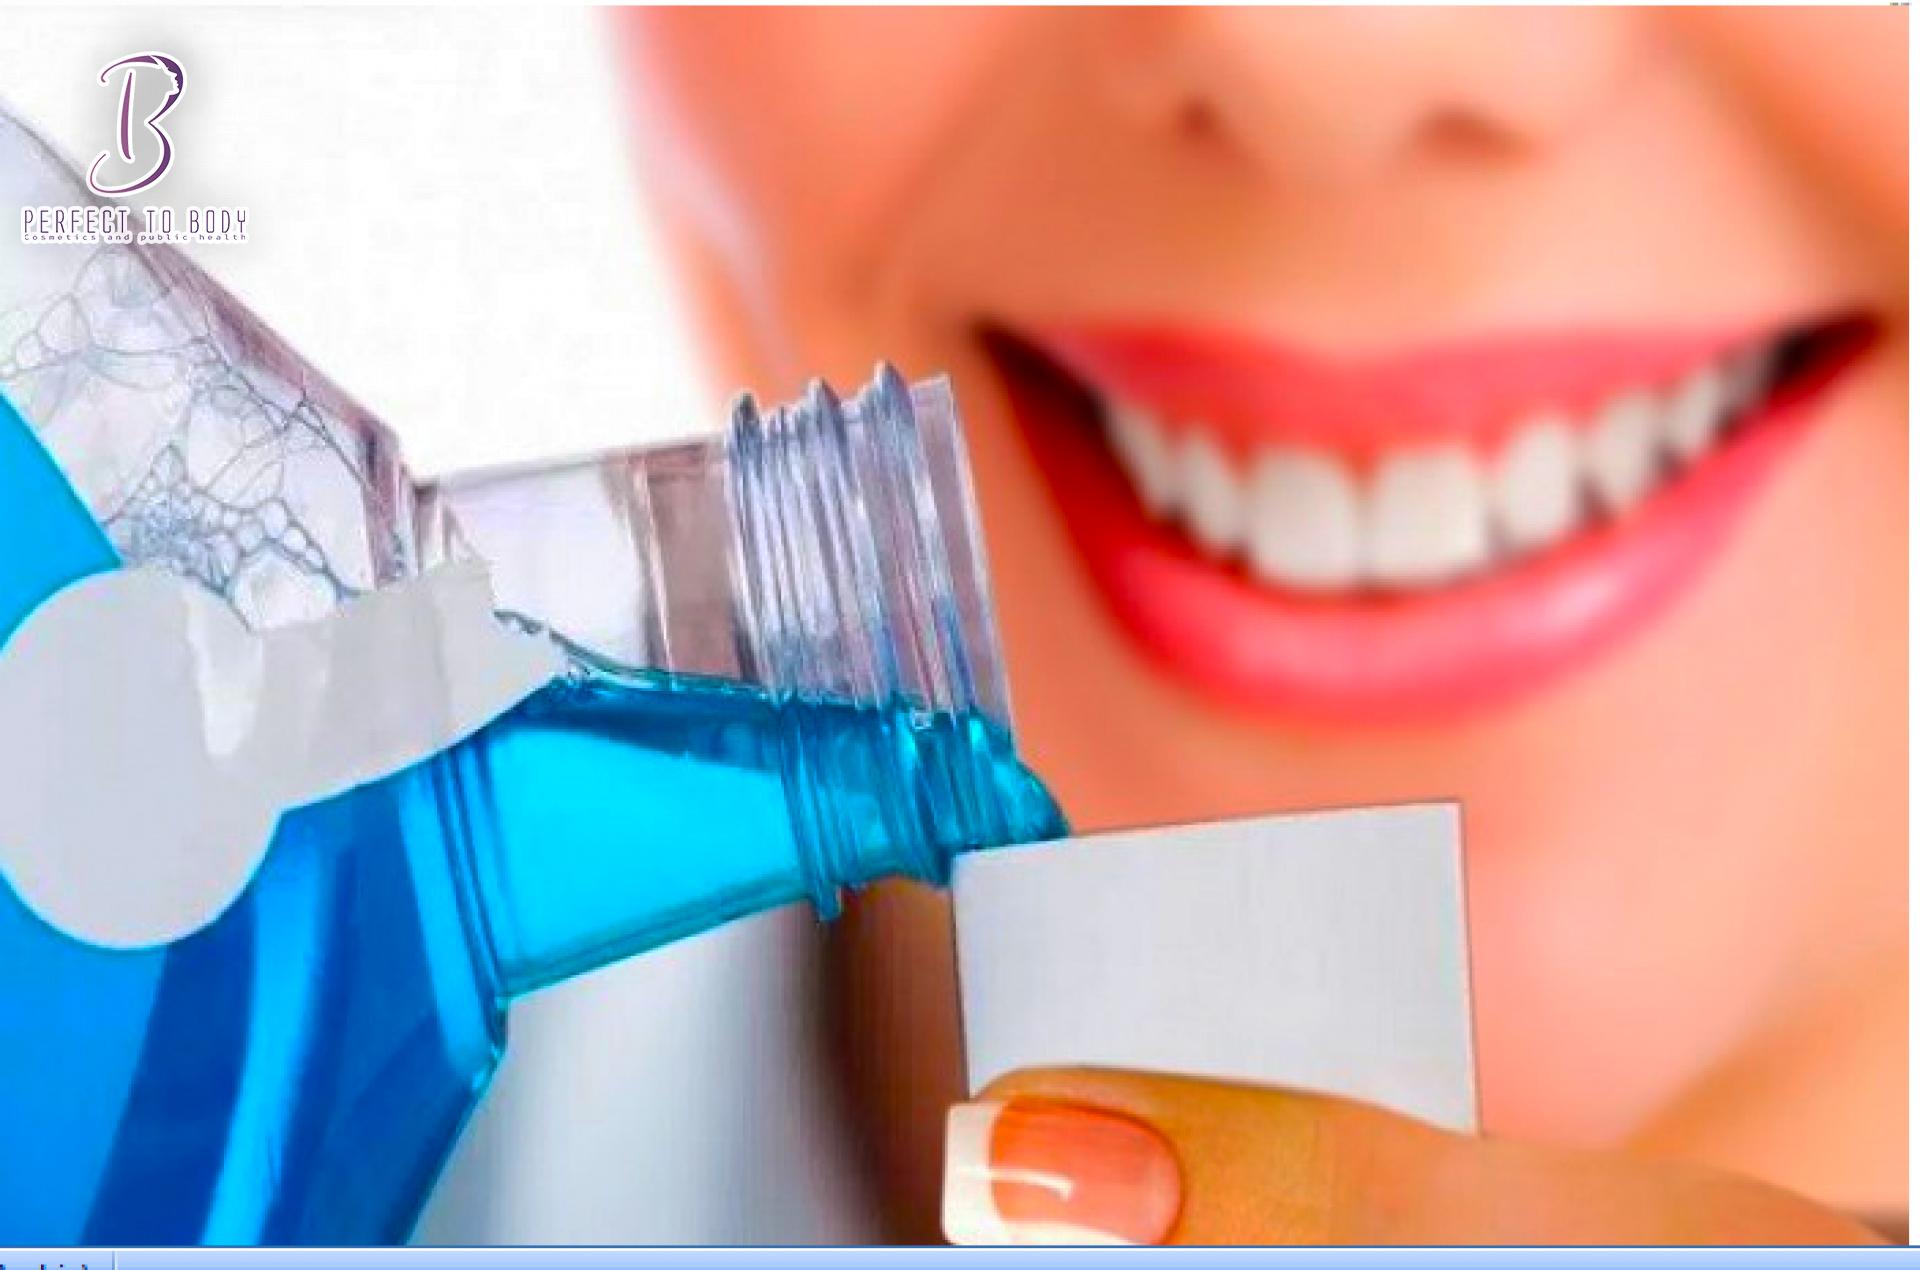 هل يغسل الفم بالماء بعد الغسول